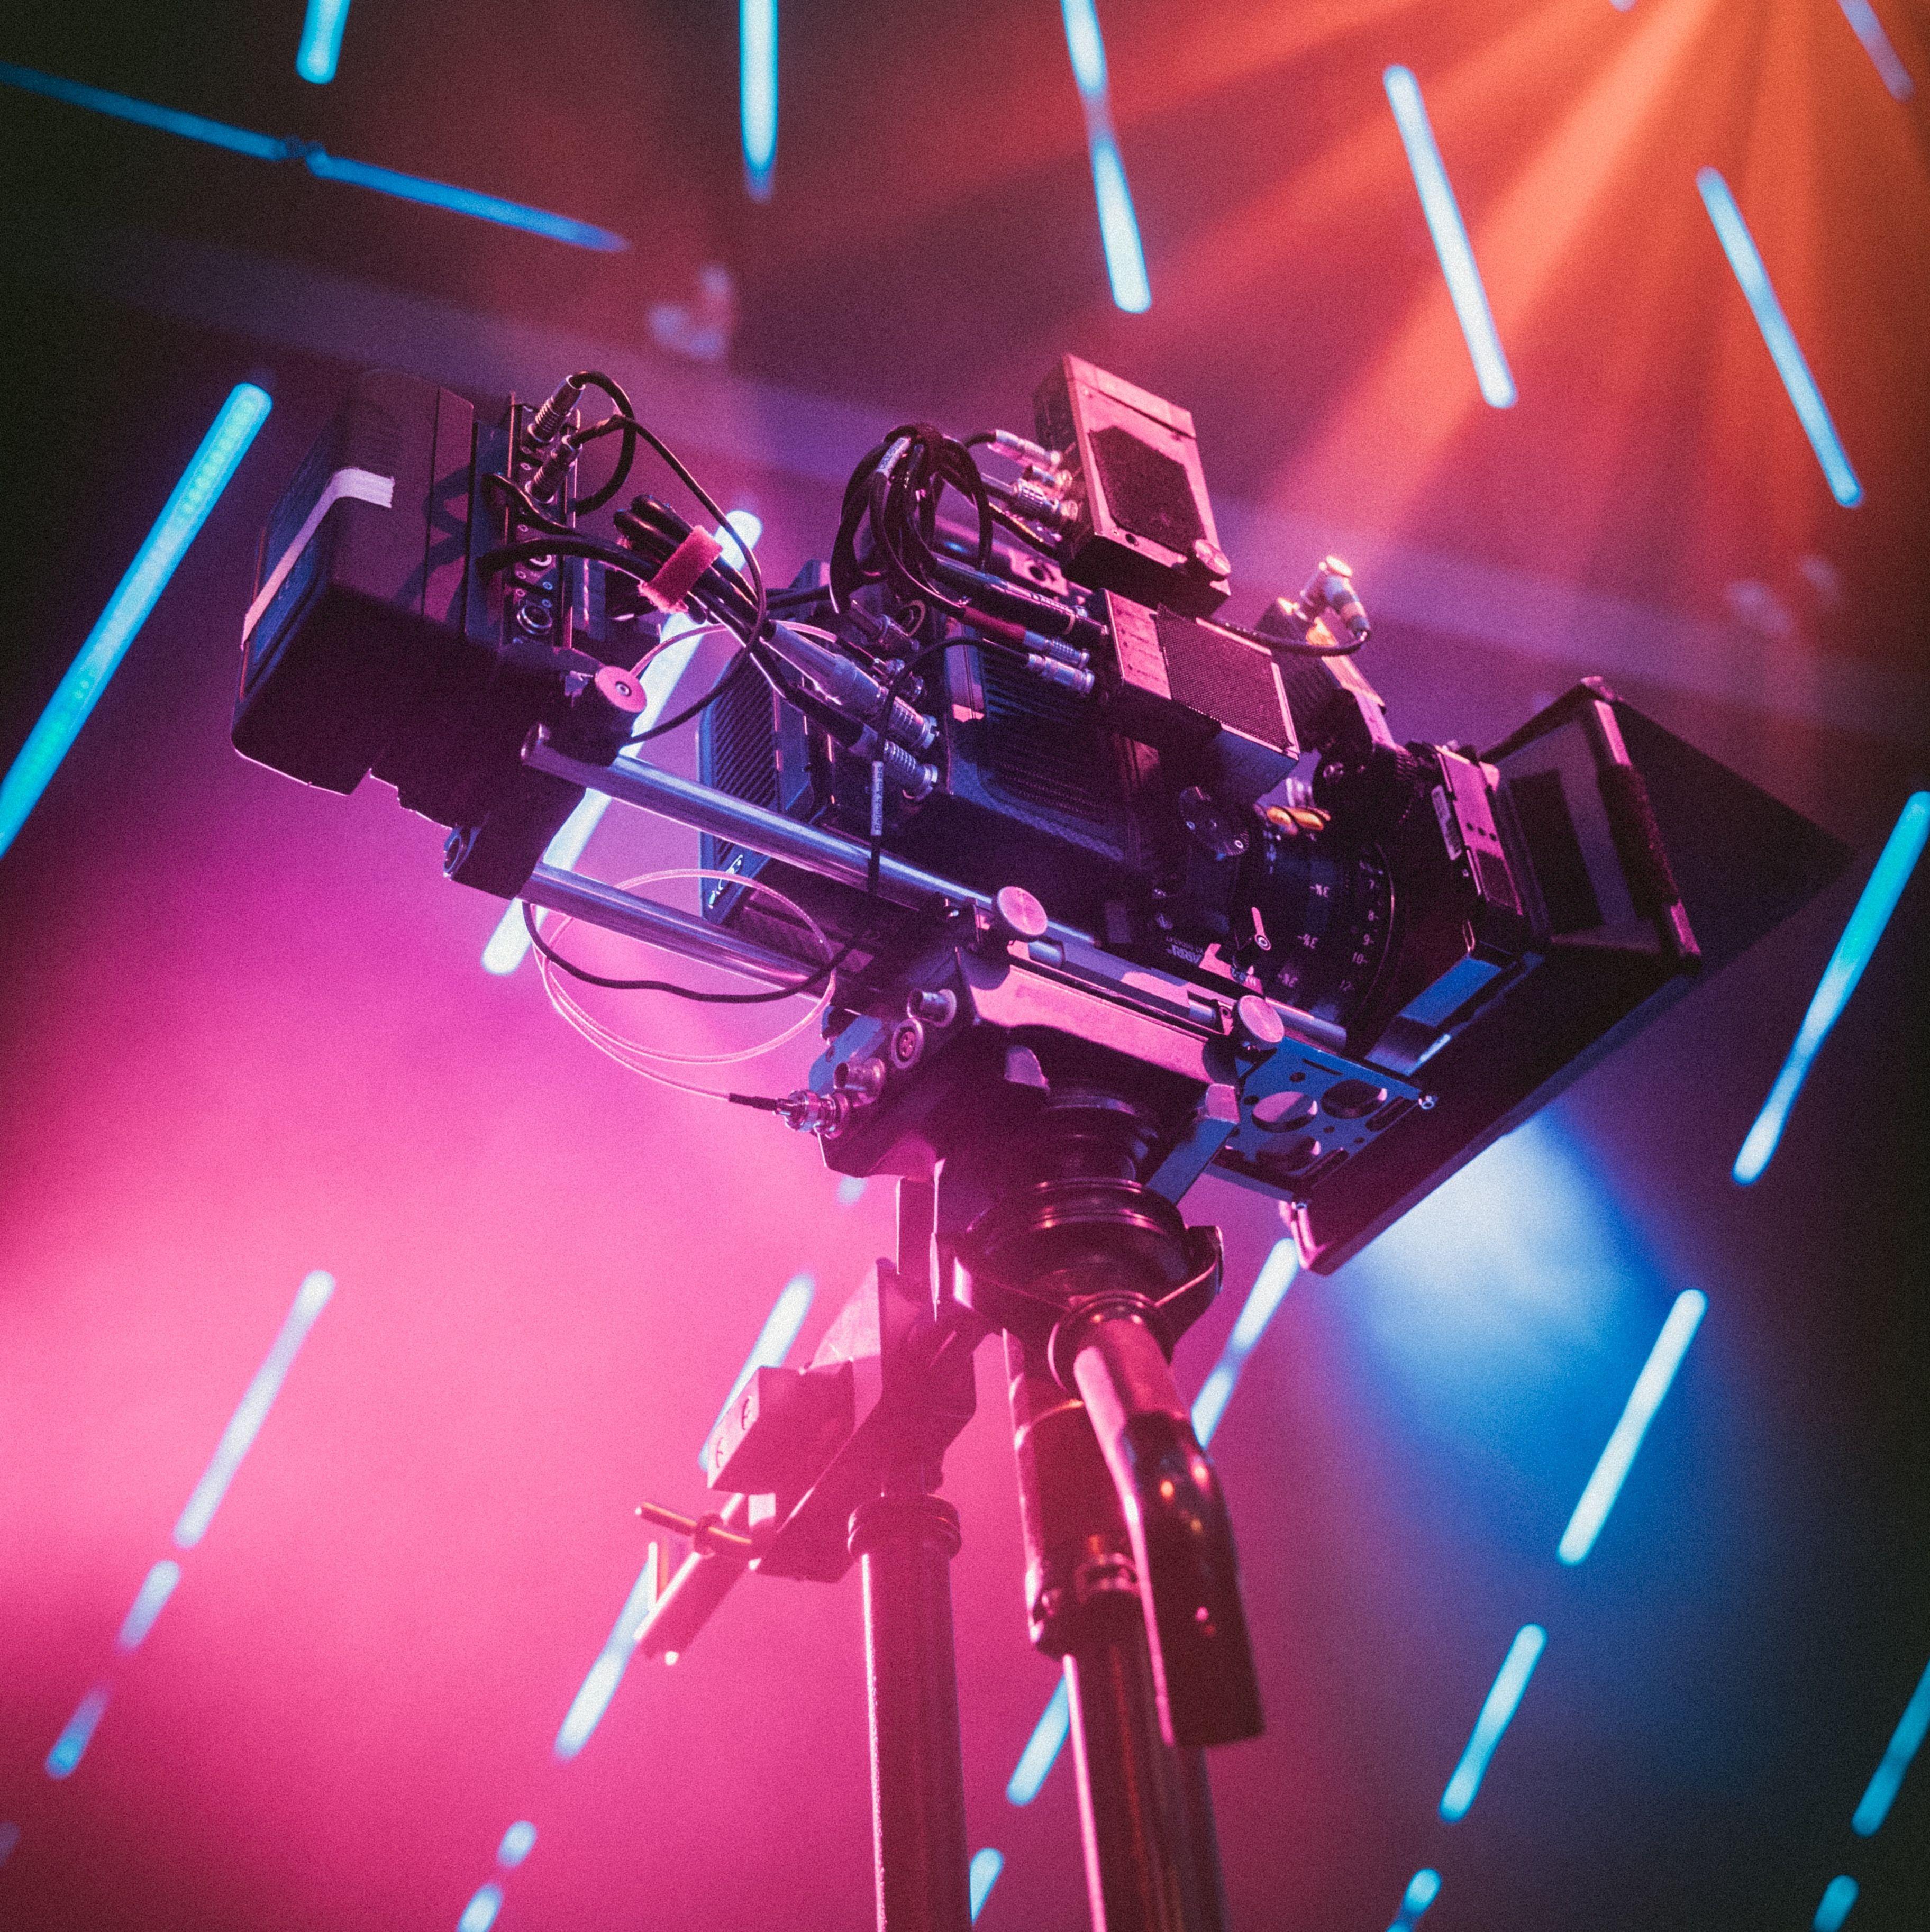 Corporate Videos: Die beste Ausrüstung  https://tonno-digitale.de/artikel/mit-dieser-ausrüstung-gelingt-ihr-unternehmensvideo